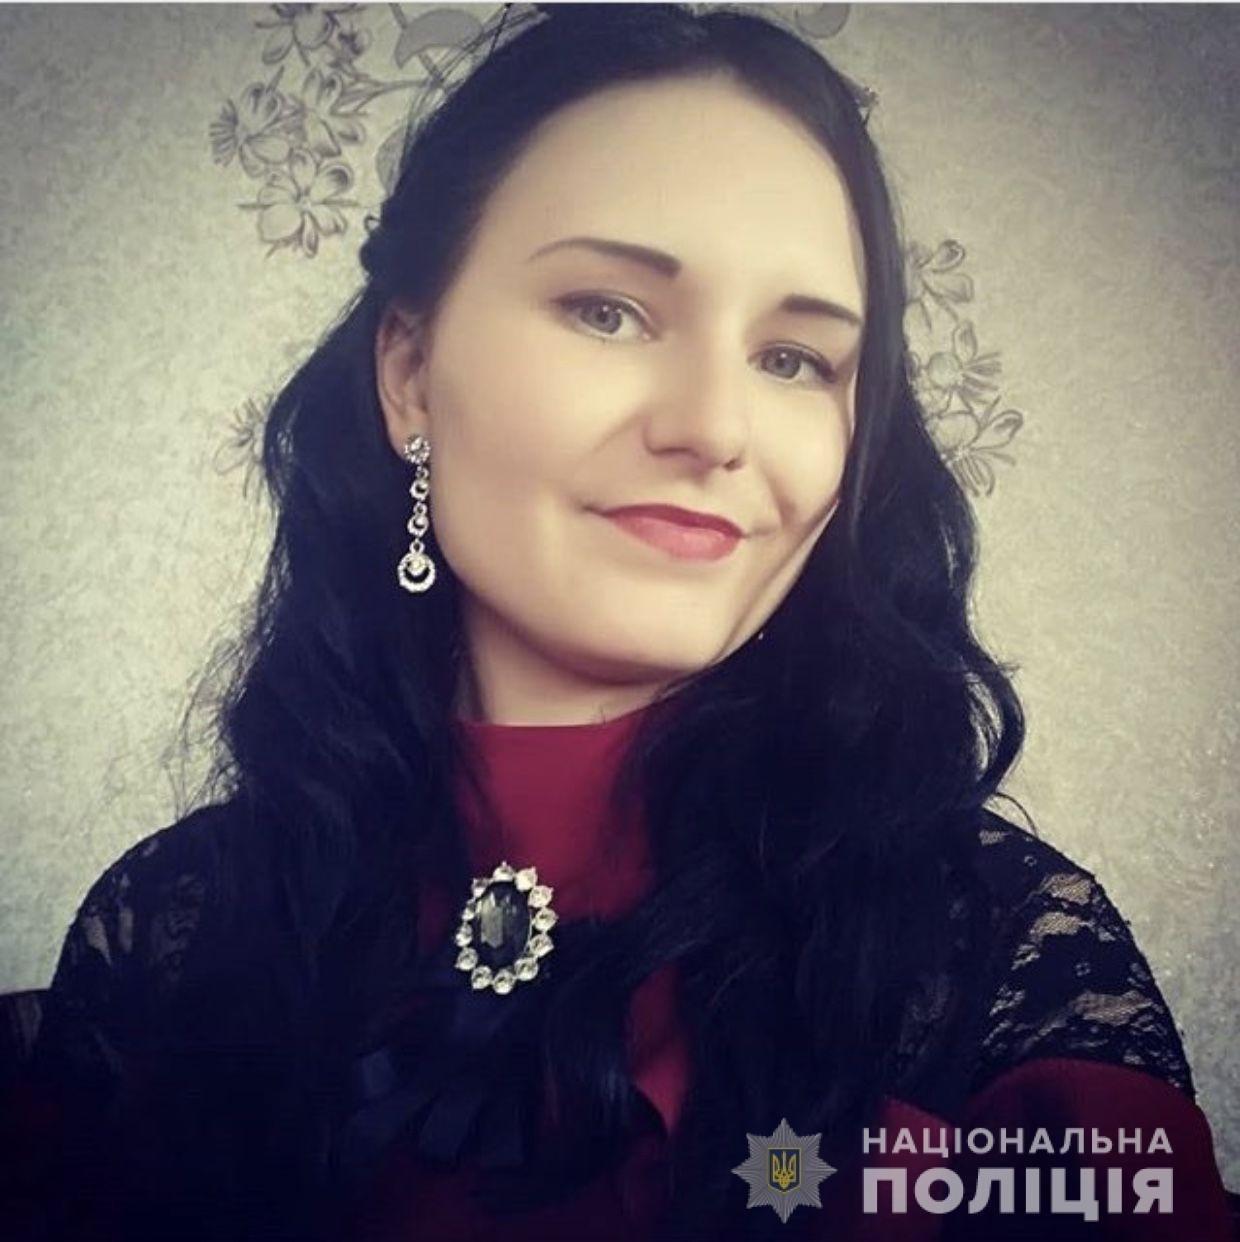 На Тернопільщині розшукують зниклу дівчину: вона вийшла з дому і не повернулася (ФОТО), фото-1